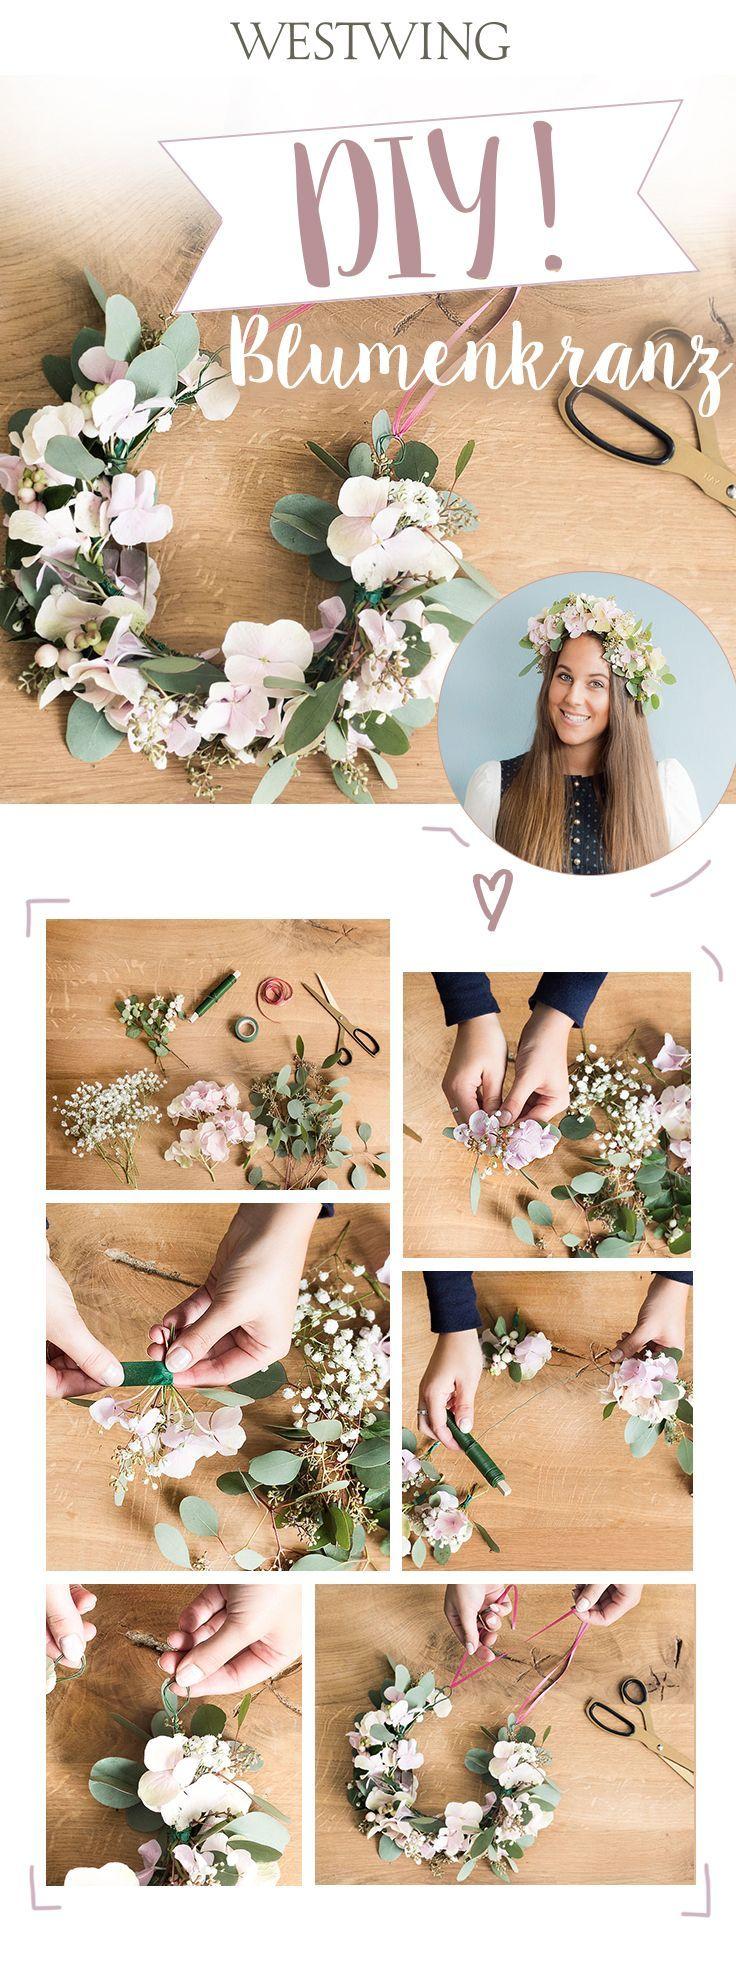 Blumenfreunde aufgepasst! Ob für eine Hochzeit, auf dem Festival oder auf der Münchener … – ✄ DIY – Ideen zum Selbermachen